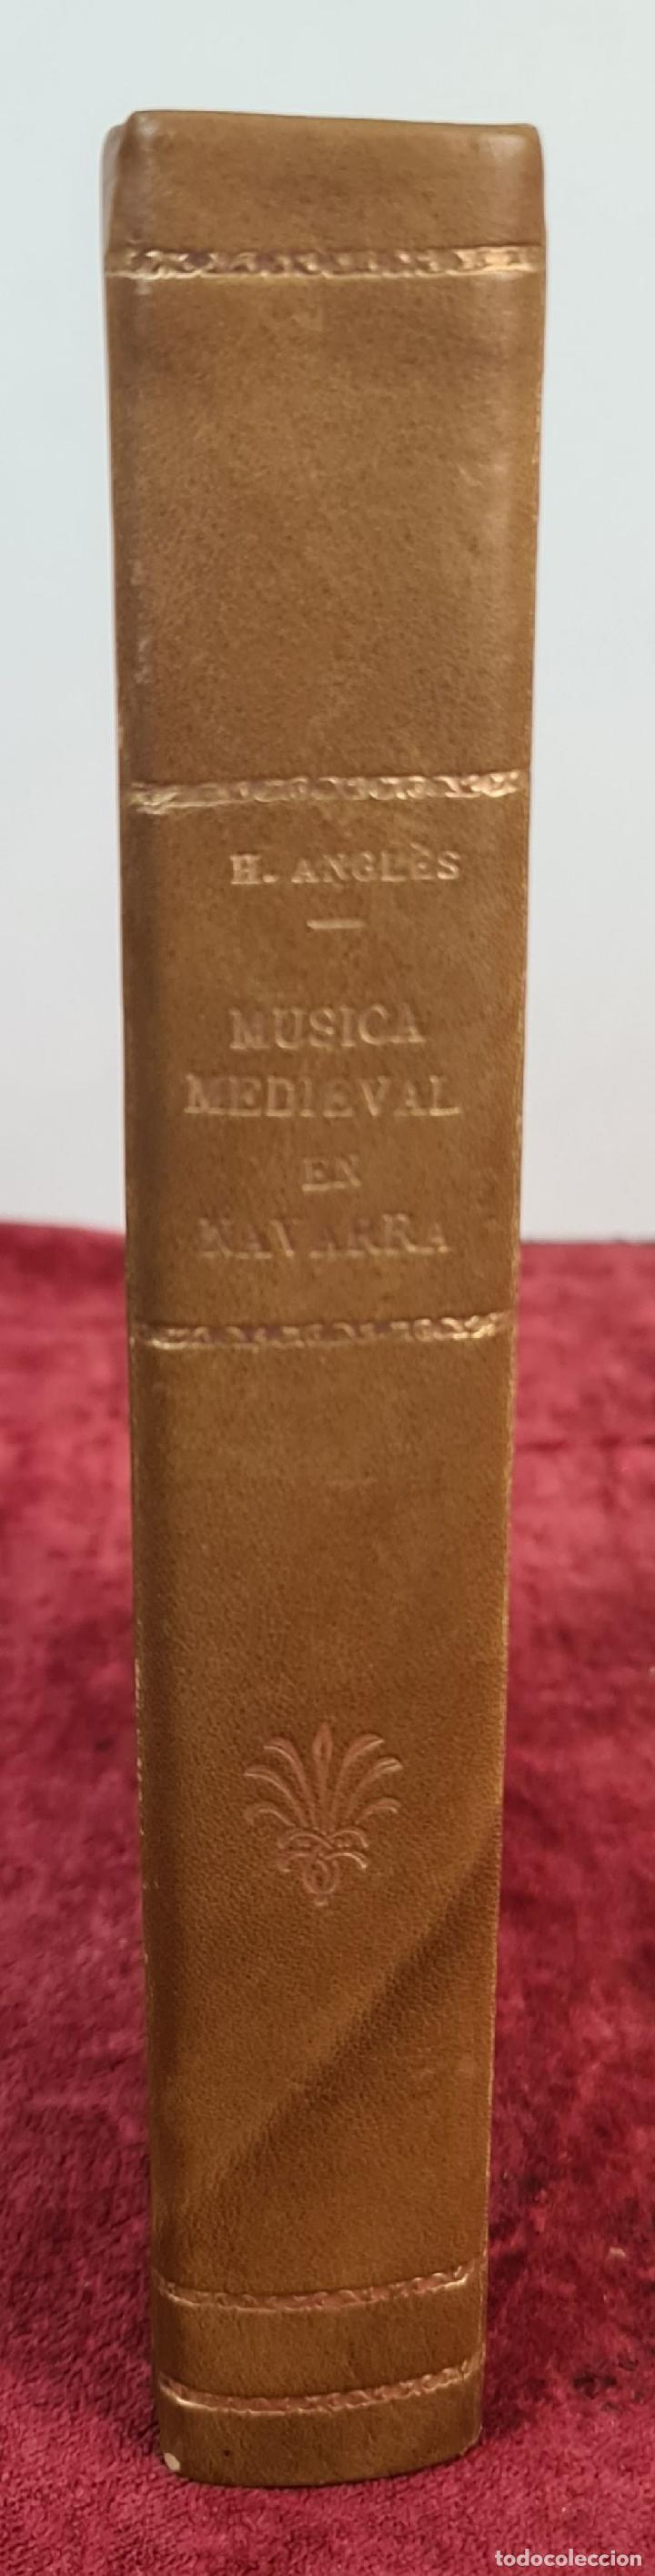 Libros antiguos: LA MUSICA MEDIEVAL EN NAVARRA. HIGINIO ANGLES. DIPUTACION DE NAVARRA. 1970. - Foto 2 - 213130915